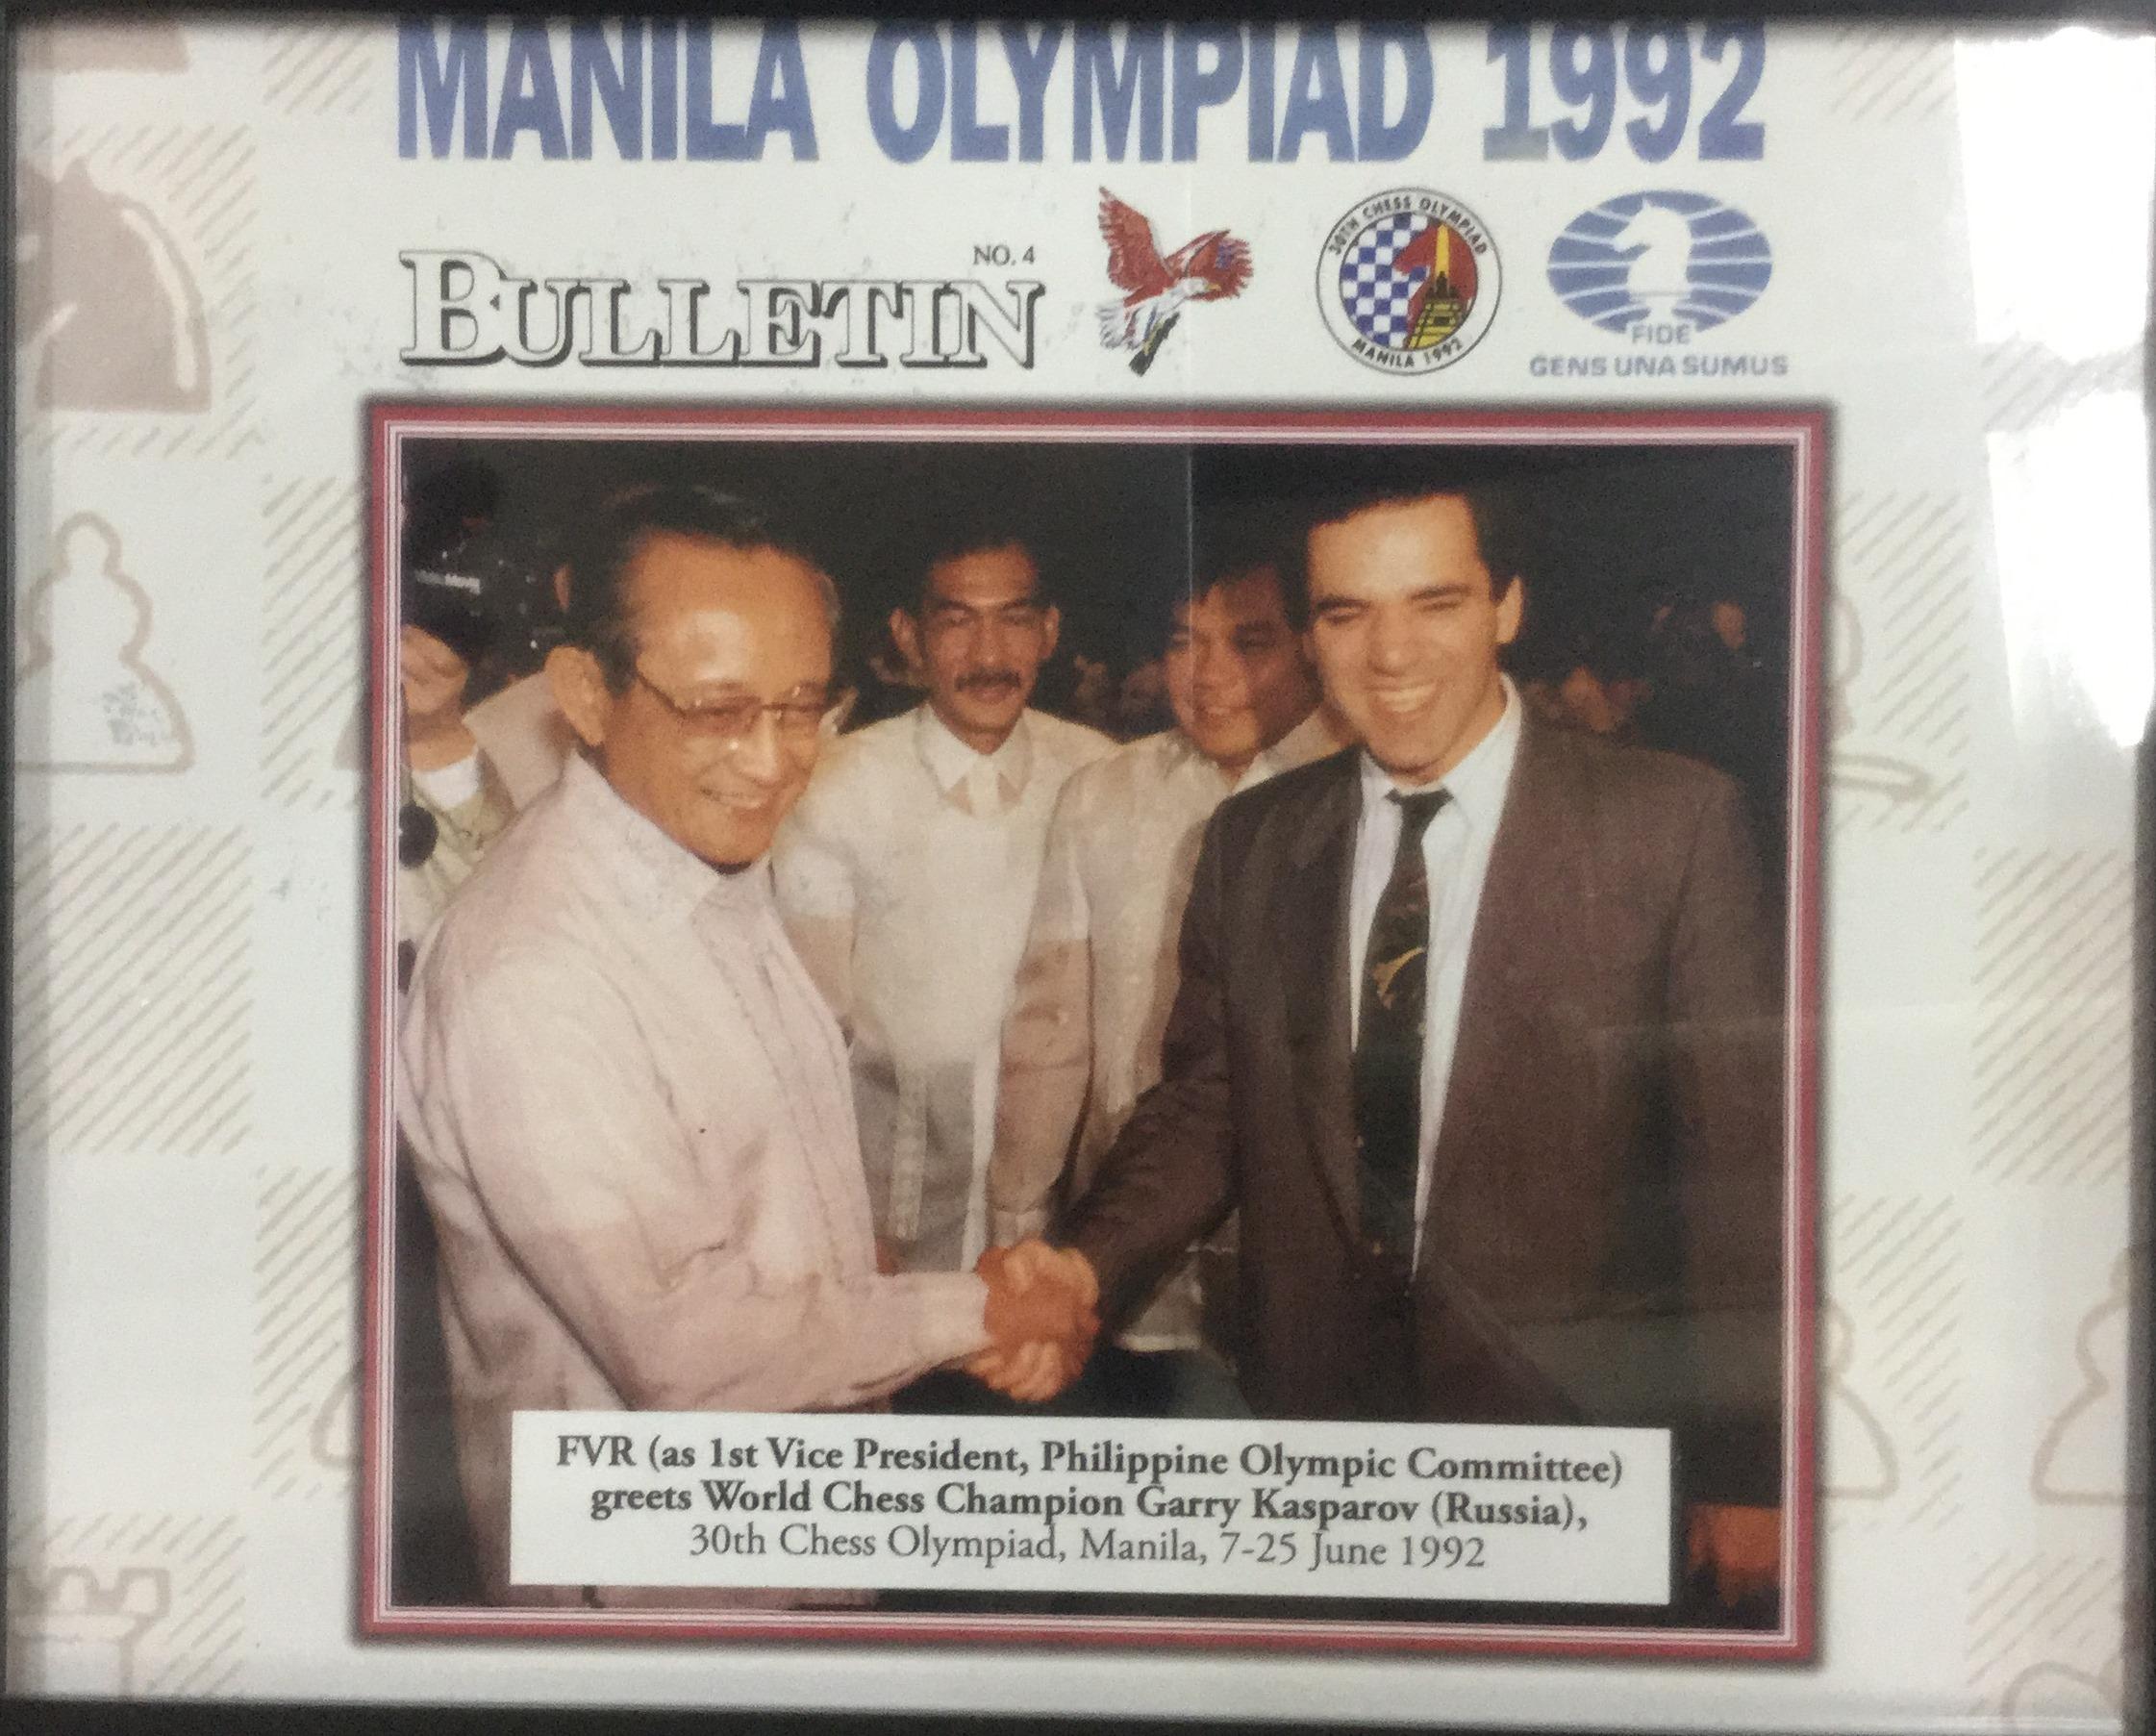 Manila Olympiad 1992